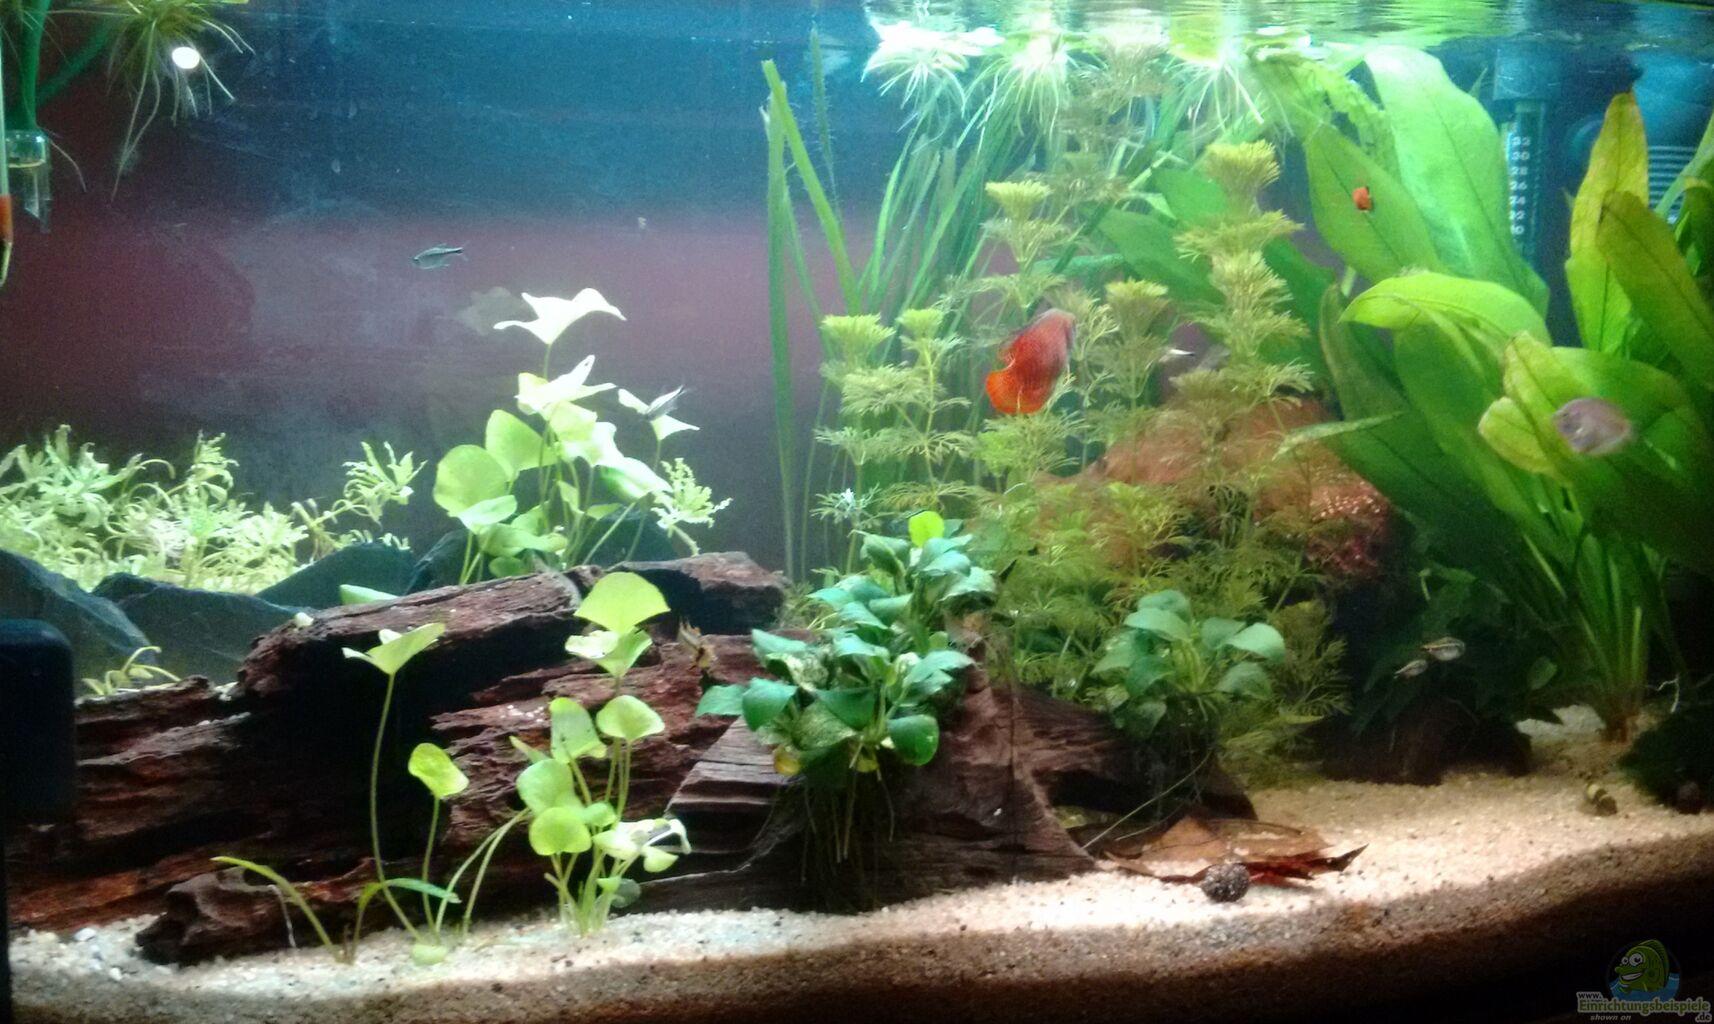 aquarium gesellschaftsbecken aus gesellschaftsbecken von stephy. Black Bedroom Furniture Sets. Home Design Ideas